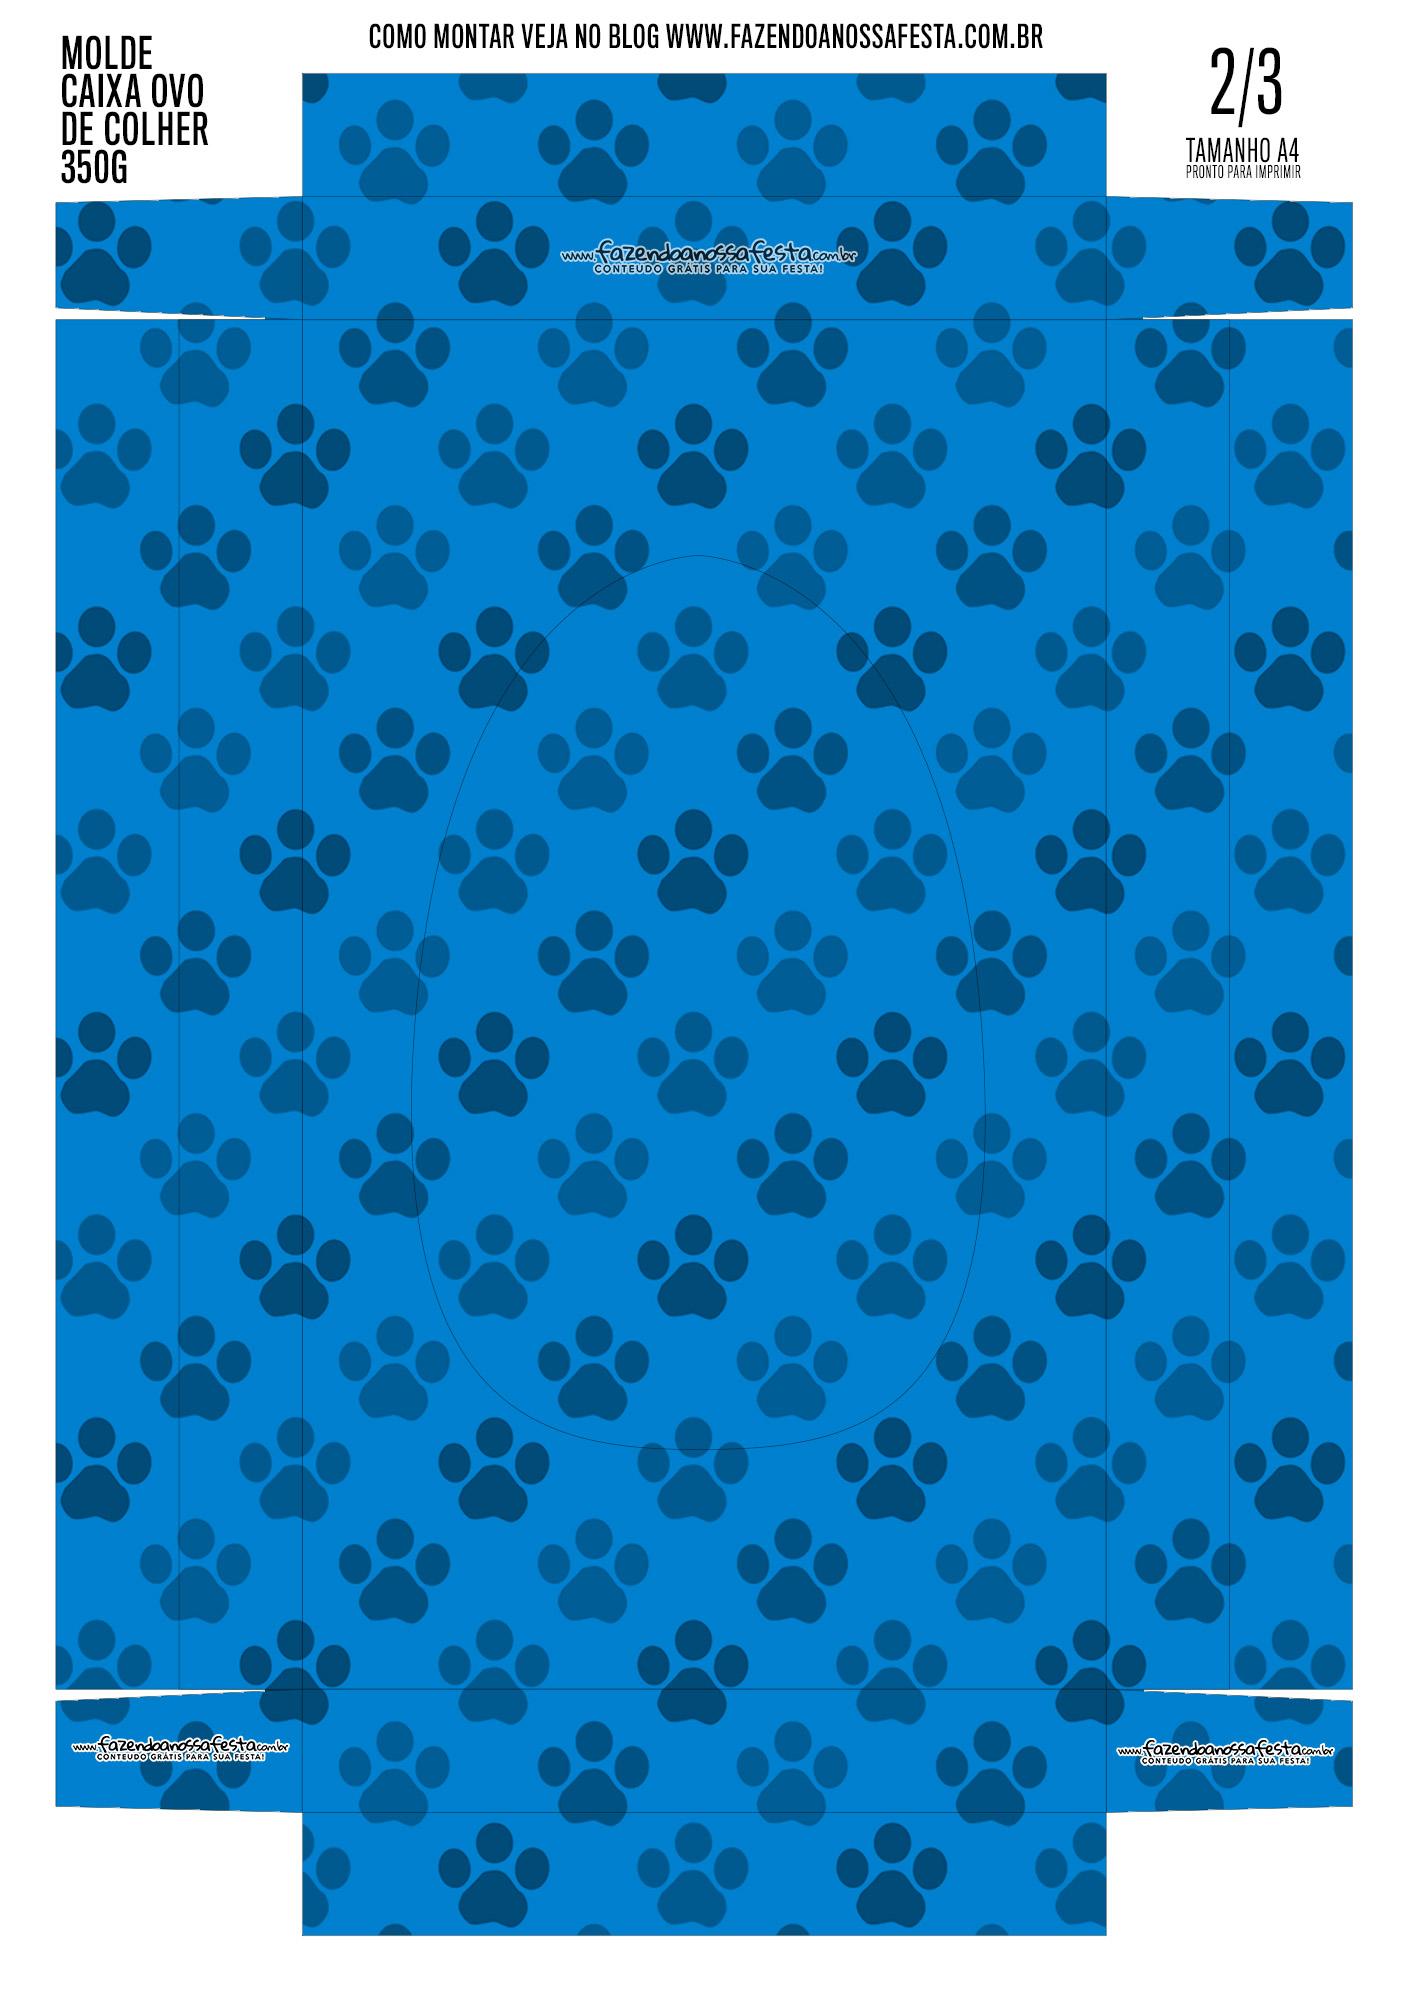 Caixa Ovo de Colher Patrulha Canina 2_02